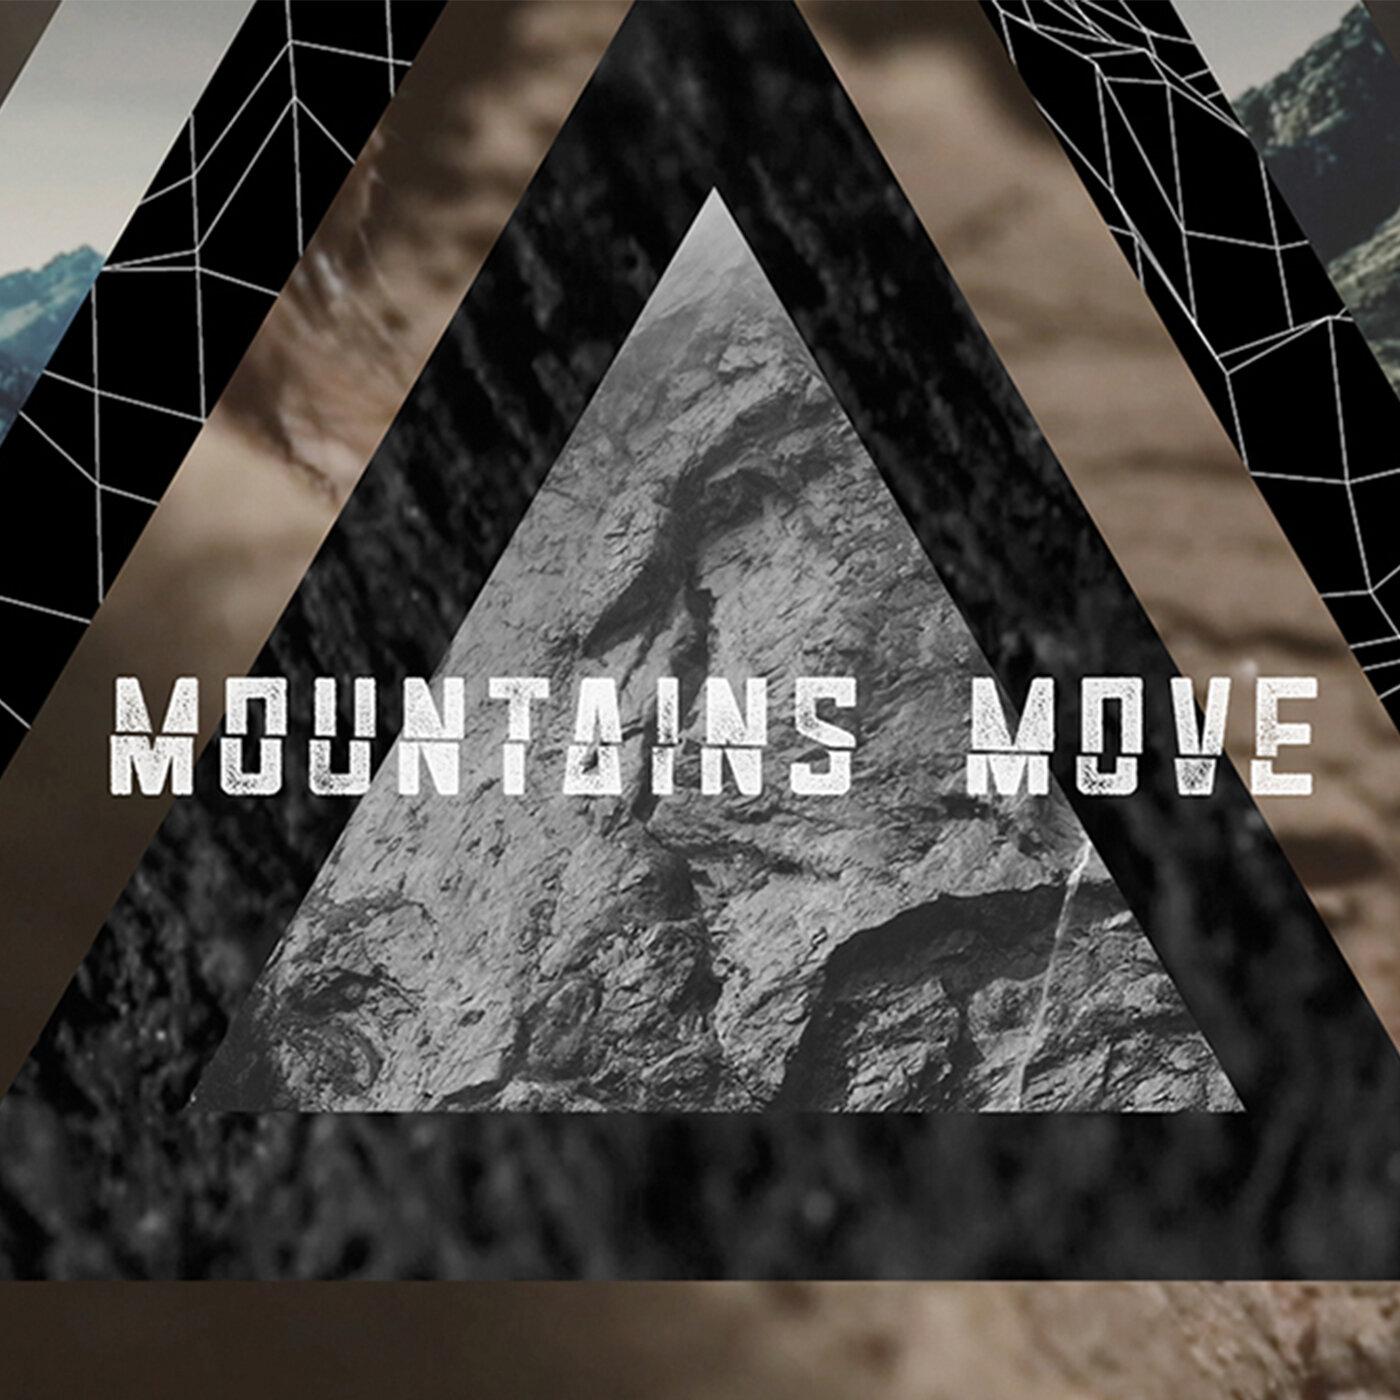 mountainsmovesquare.jpg